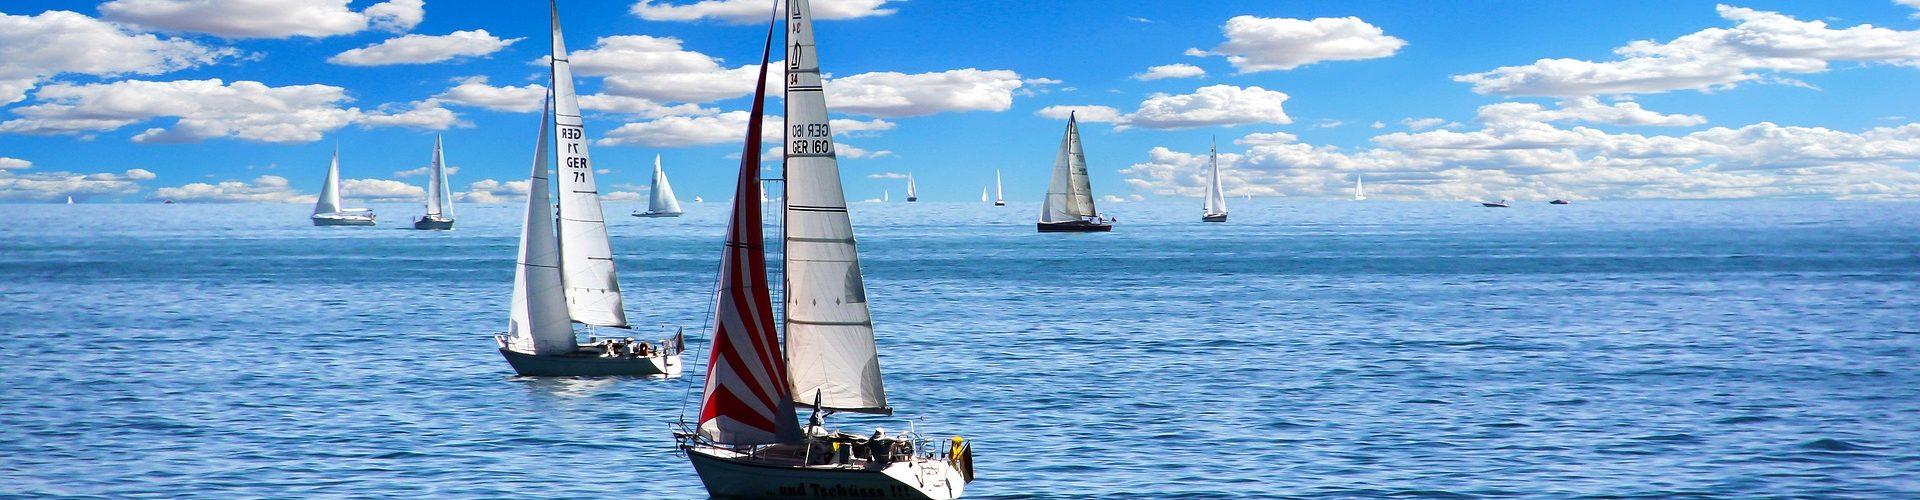 segeln lernen in Zeven segelschein machen in Zeven 1920x500 - Segeln lernen in Zeven